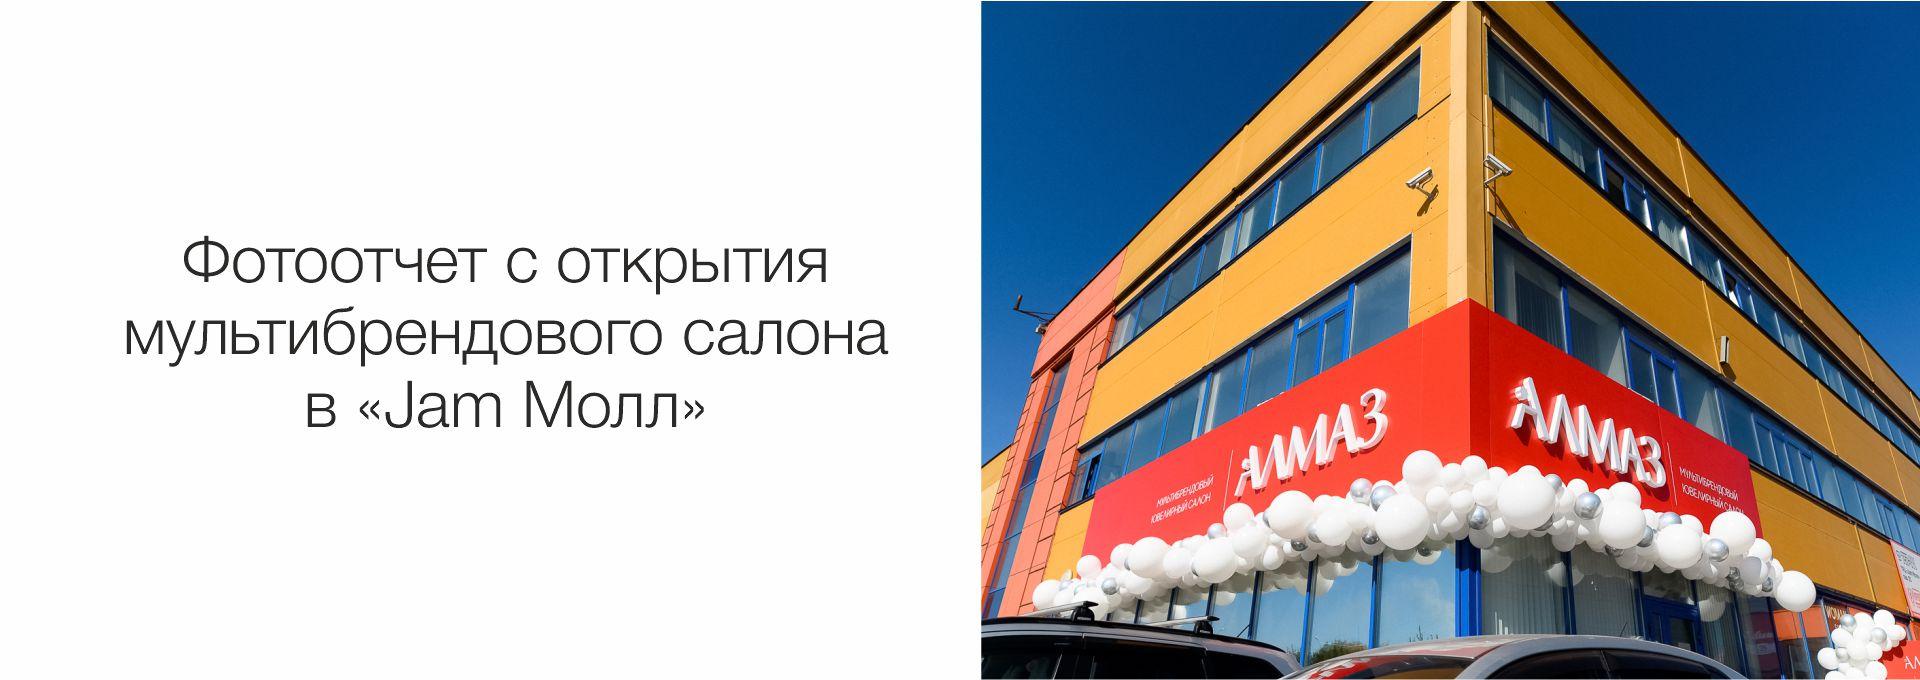 https://www.almazcom.ru/pub/img/QA/projects/banner_DZHAM_MOLL.jpg